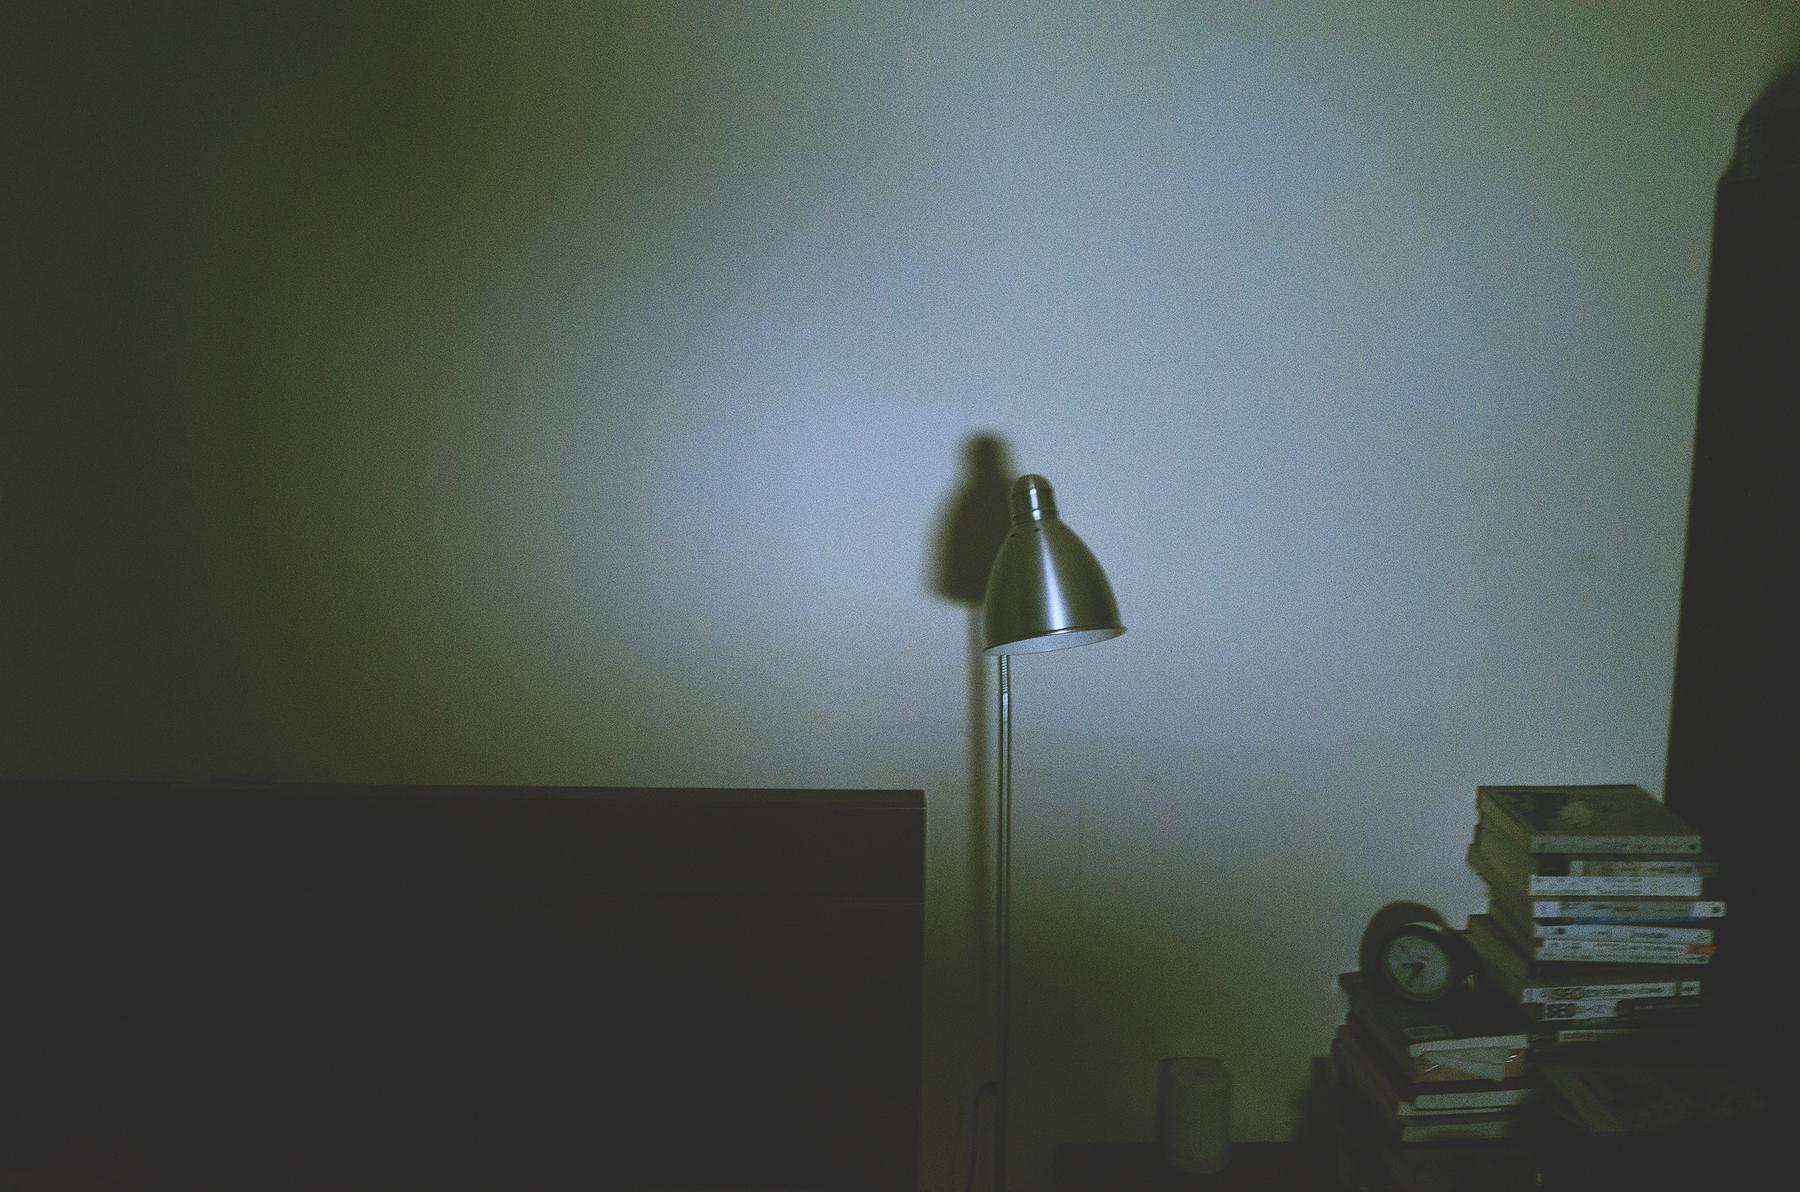 室內,光,心象攝影,家,物,記憶,平靜